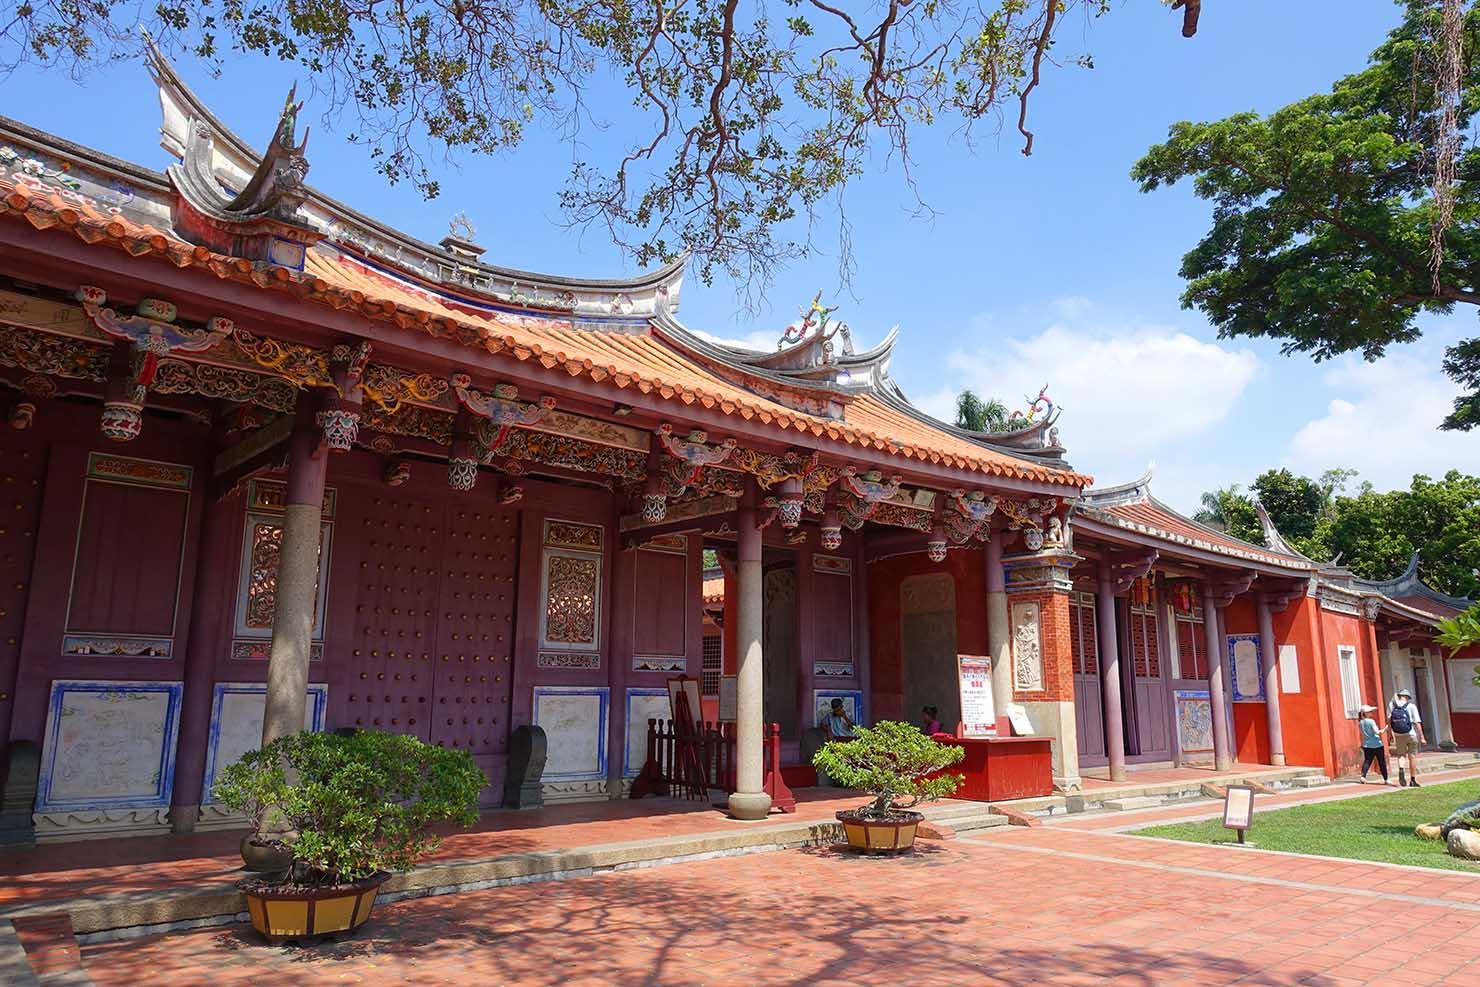 台湾の古都・台南のおすすめ観光スポット「孔廟」の建物